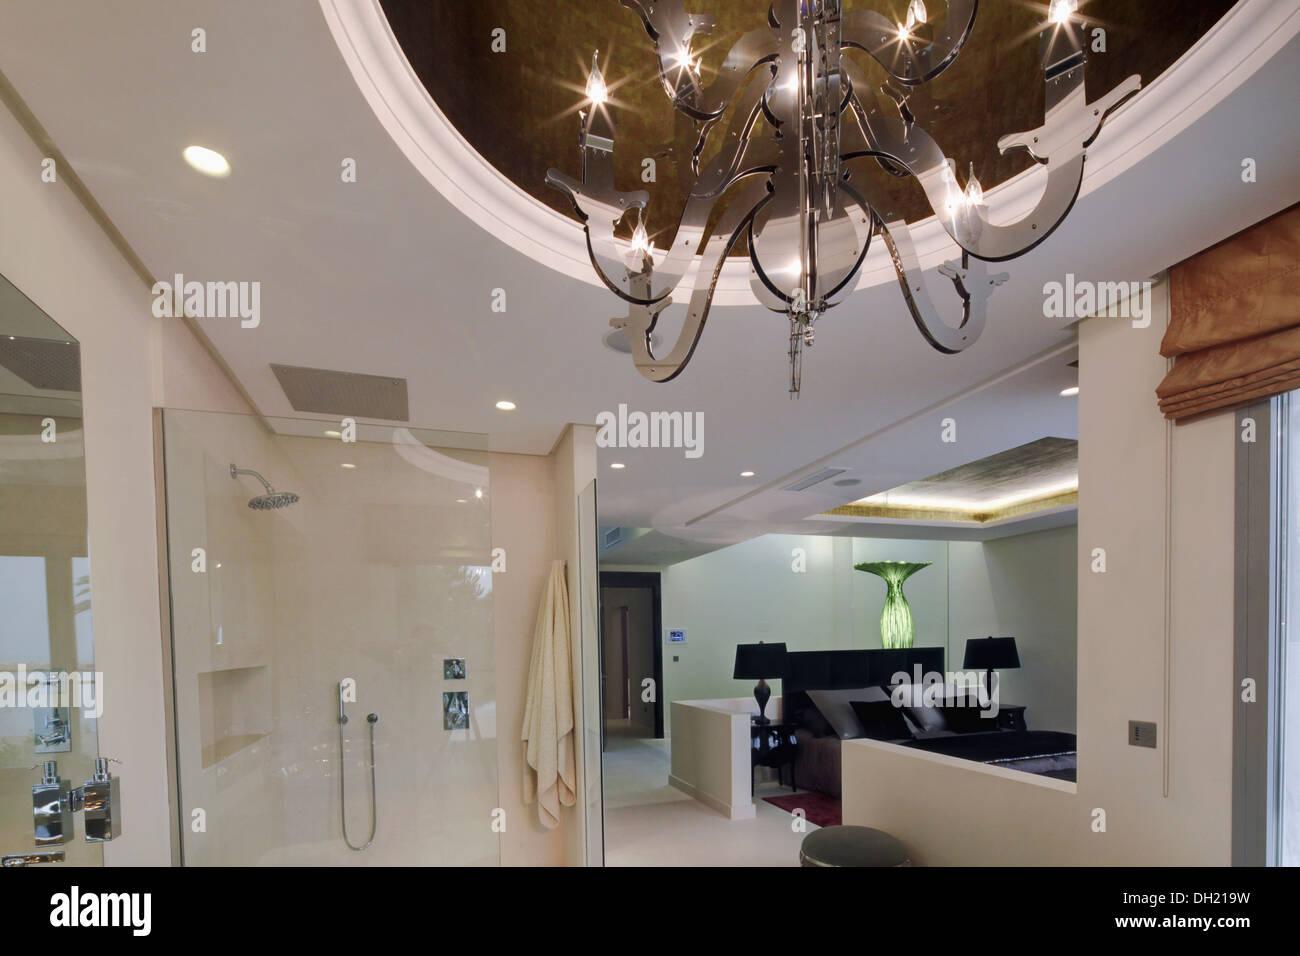 Moderne Glas Kronleuchter Auf Vertiefte Decke Im Duschbereich Des Offenen  En Suite Badezimmer Mit Blick Auf Schlafzimmer